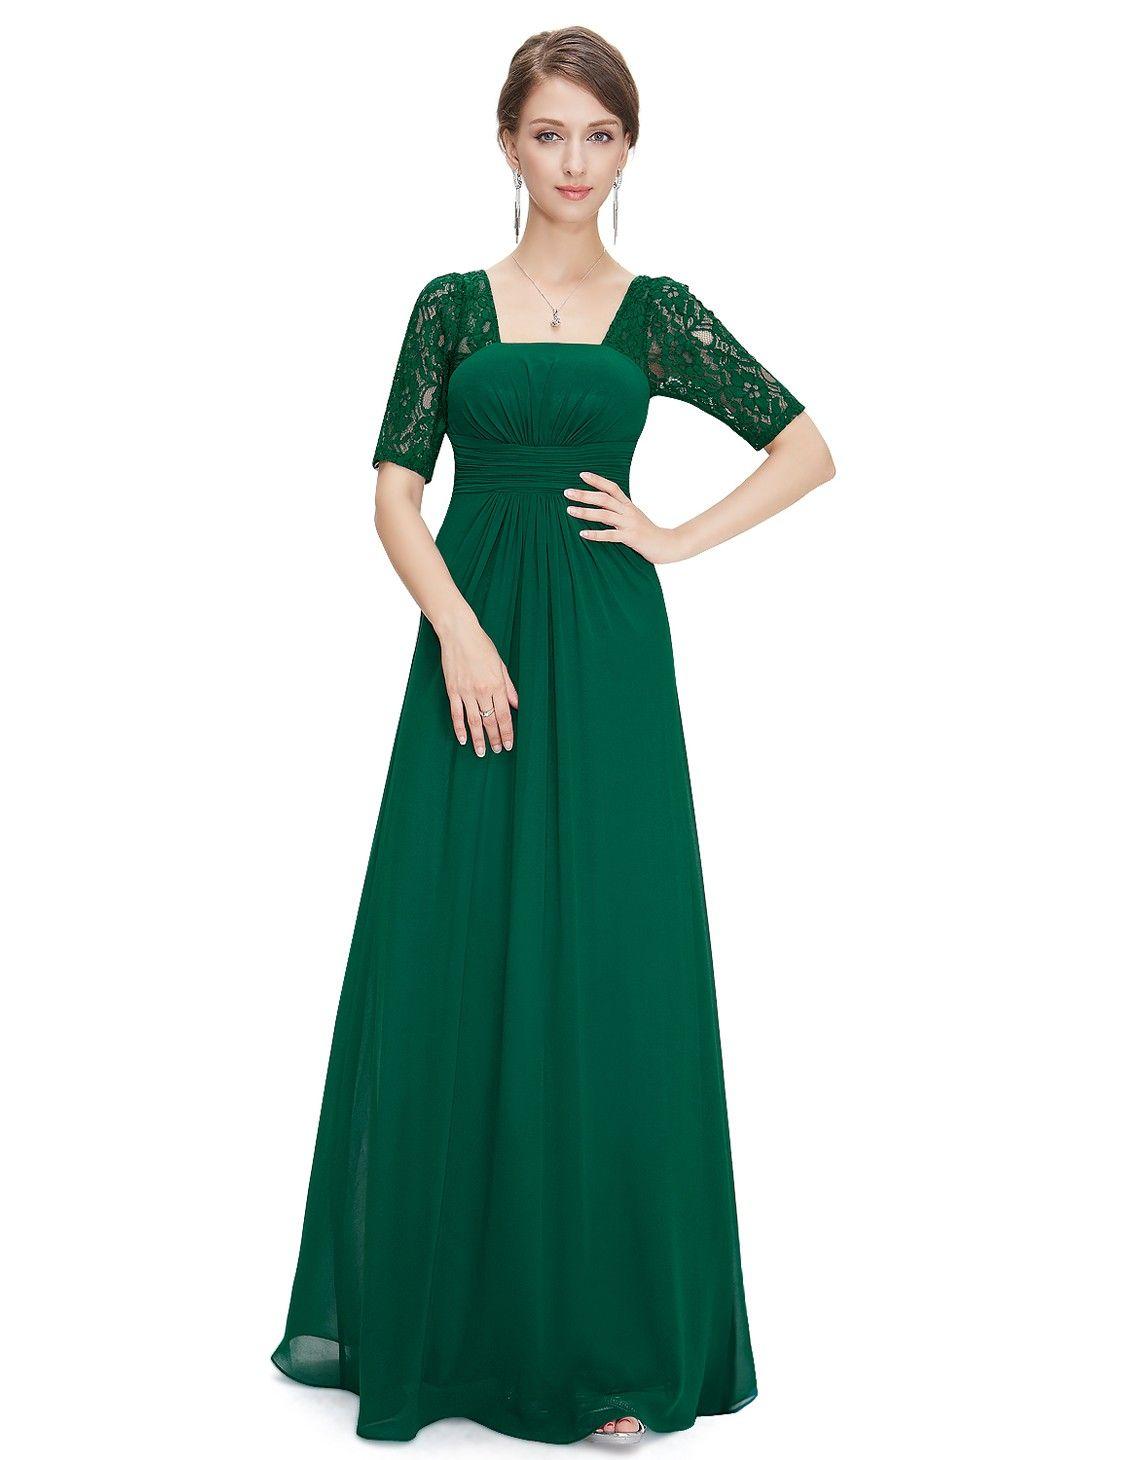 Half Sleeve Empire Waist Evening Dress   Big day 2019   Pinterest